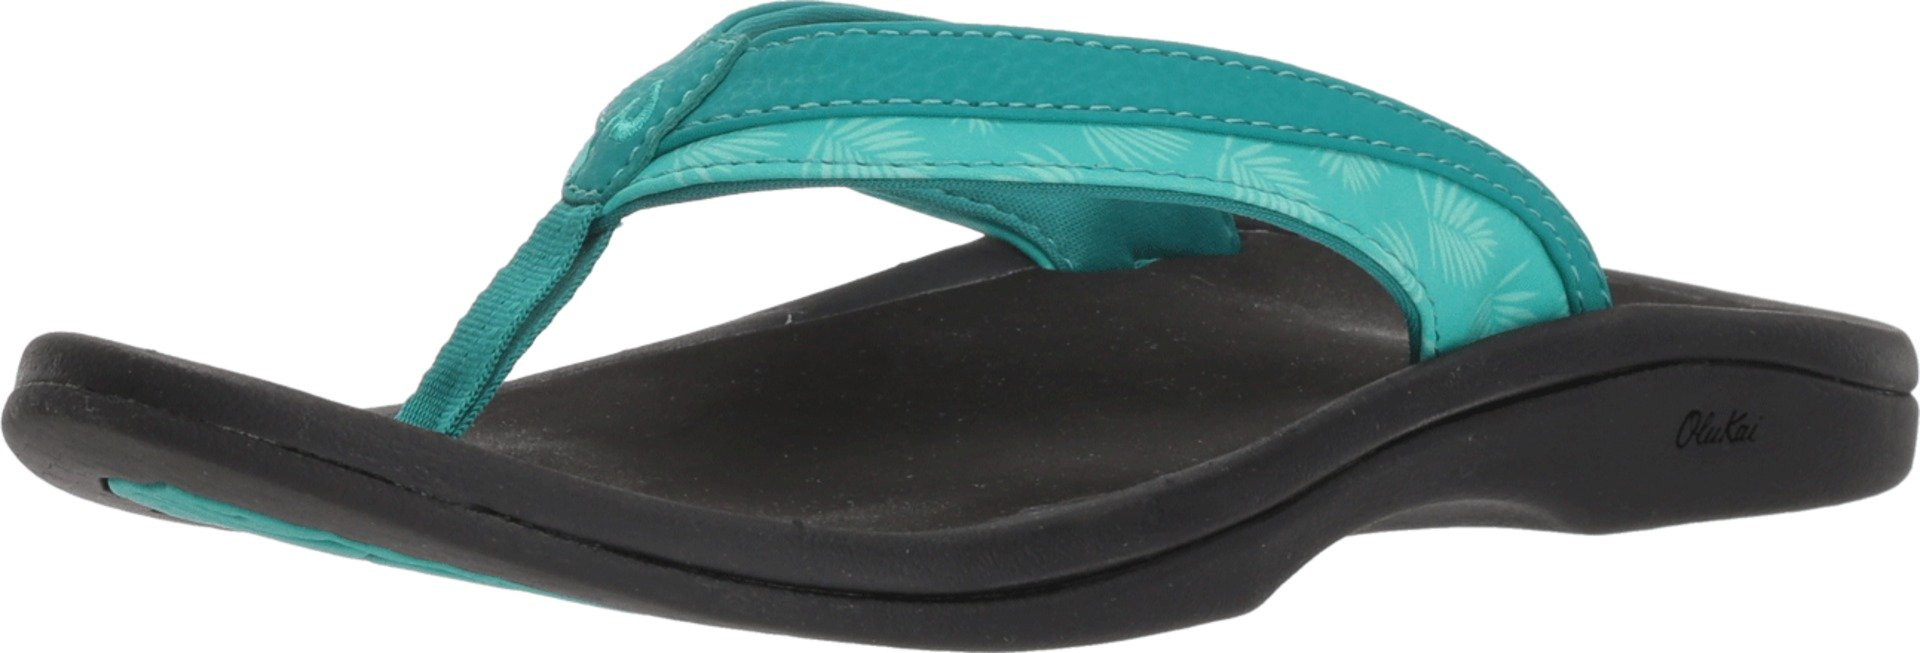 OLUKAI Women's Ohana Sandal, Paradise/Black, 7 M US by OLUKAI